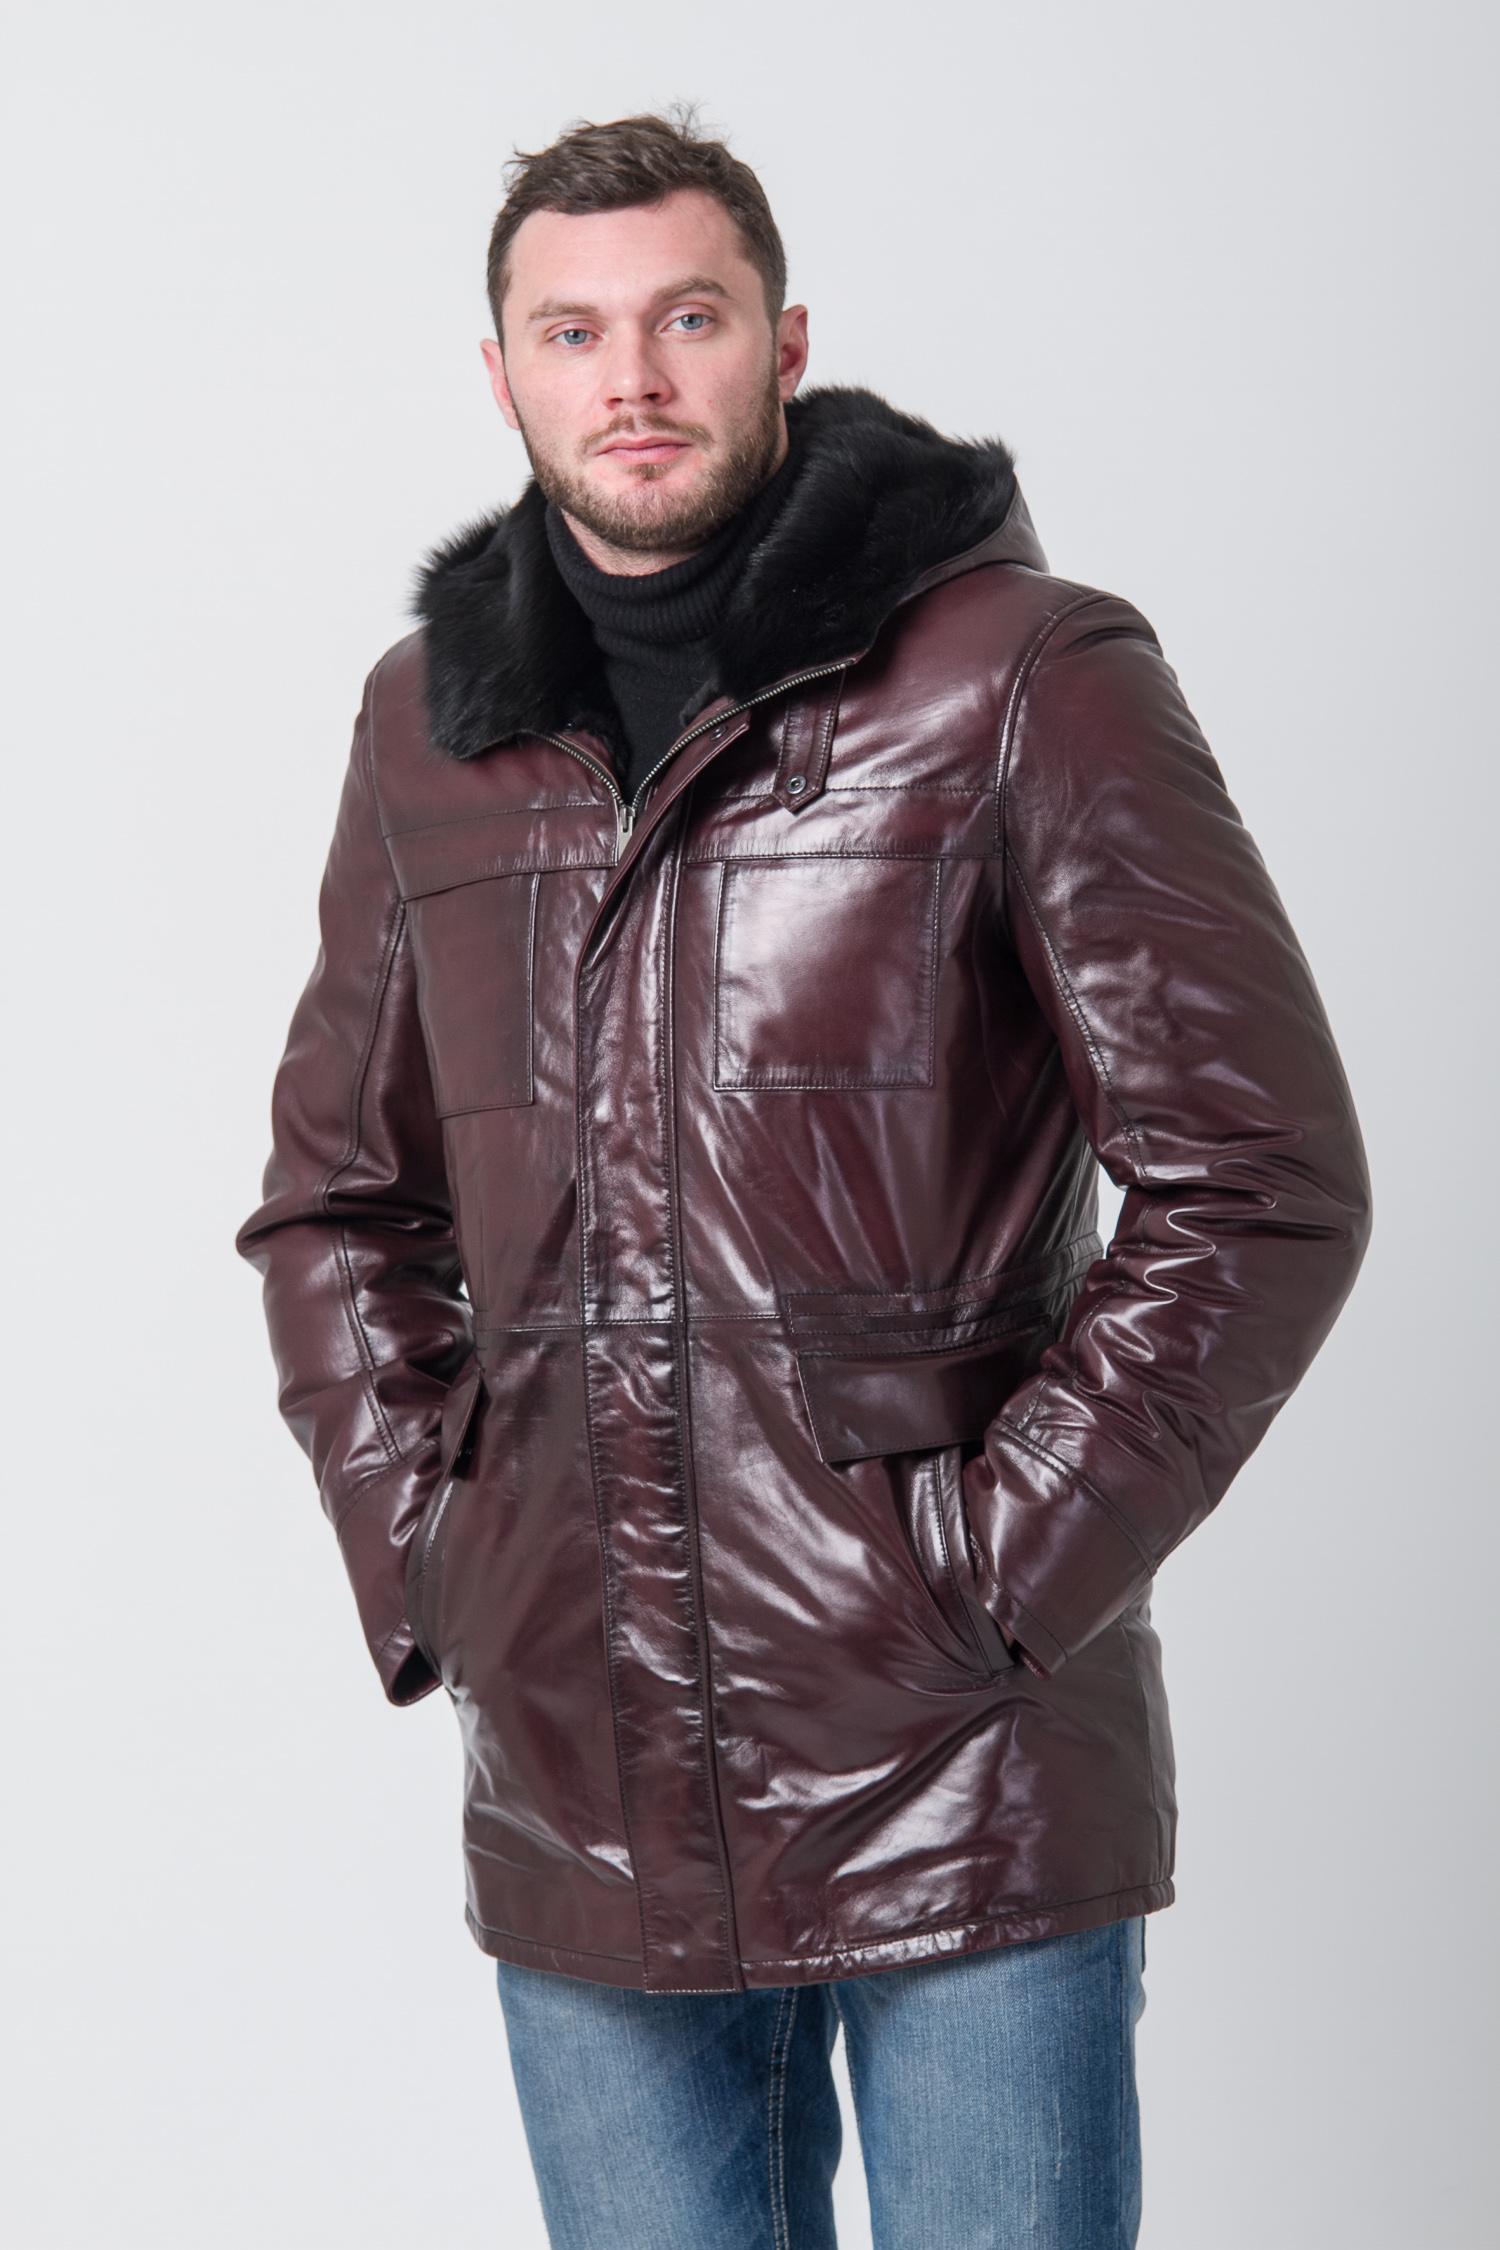 Мужская кожаная куртка из натуральной кожи на меху с капюшоном, отделка тоскана<br><br>Воротник: капюшон<br>Длина см: Средняя (75-89 )<br>Материал: Кожа овчина<br>Цвет: бордовый<br>Вид застежки: центральная<br>Застежка: на молнии<br>Пол: Мужской<br>Размер RU: 58